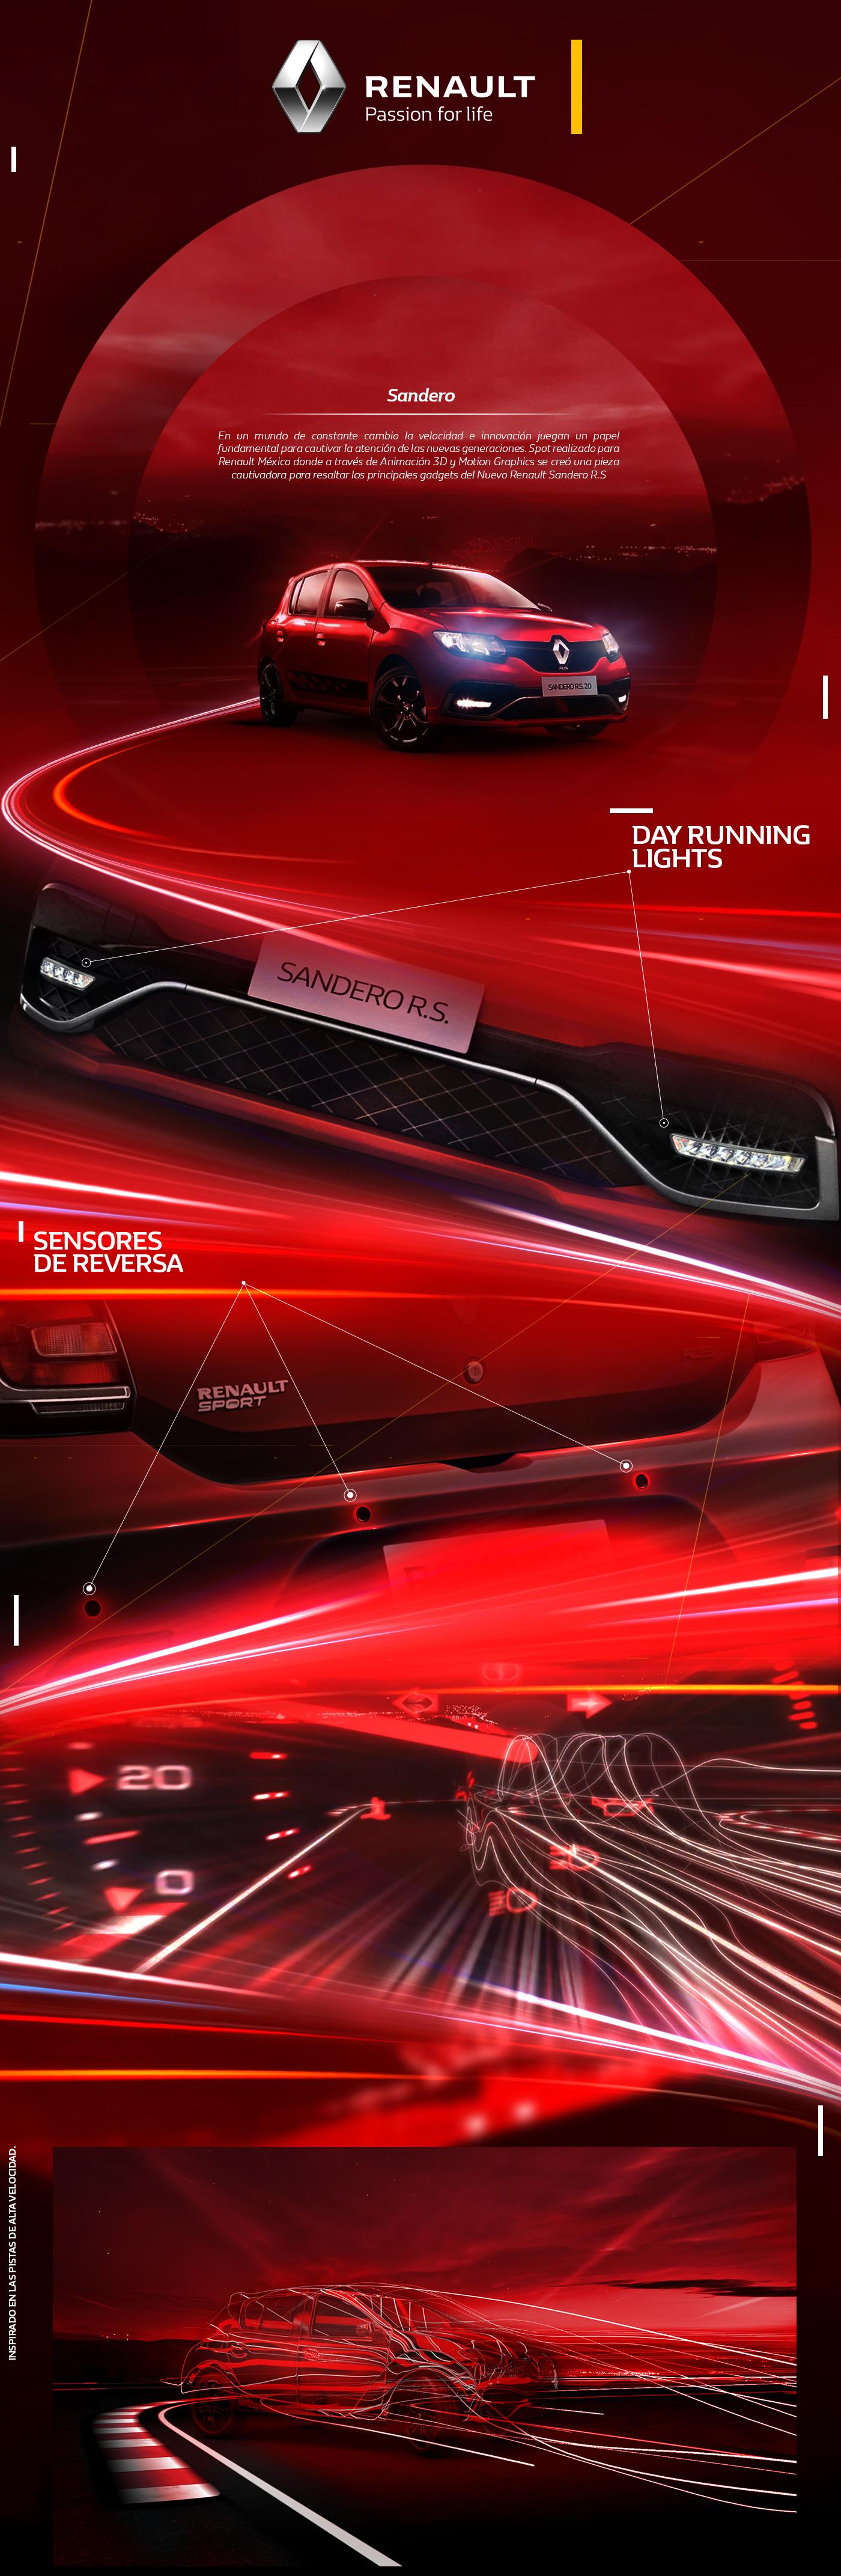 renault sandero car 3D motion graphics  rs